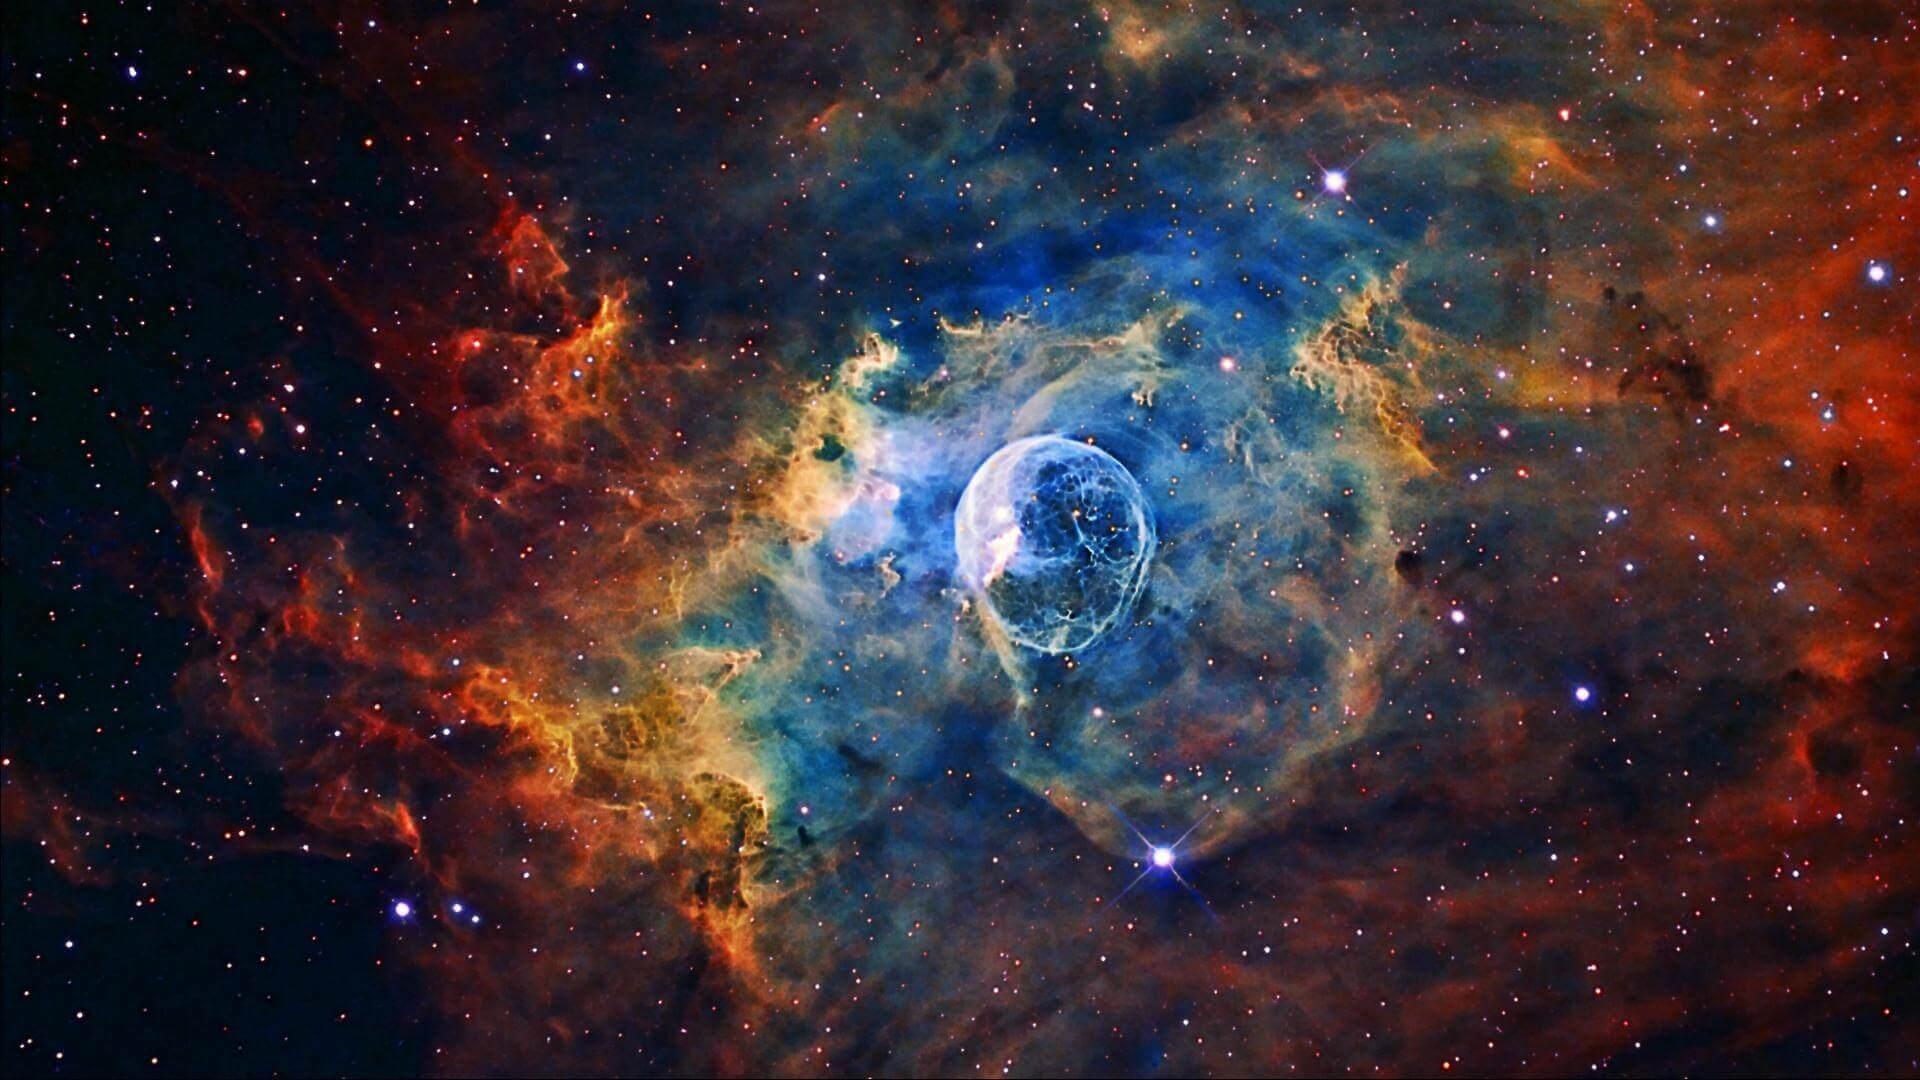 близкий космос картинки недостатки